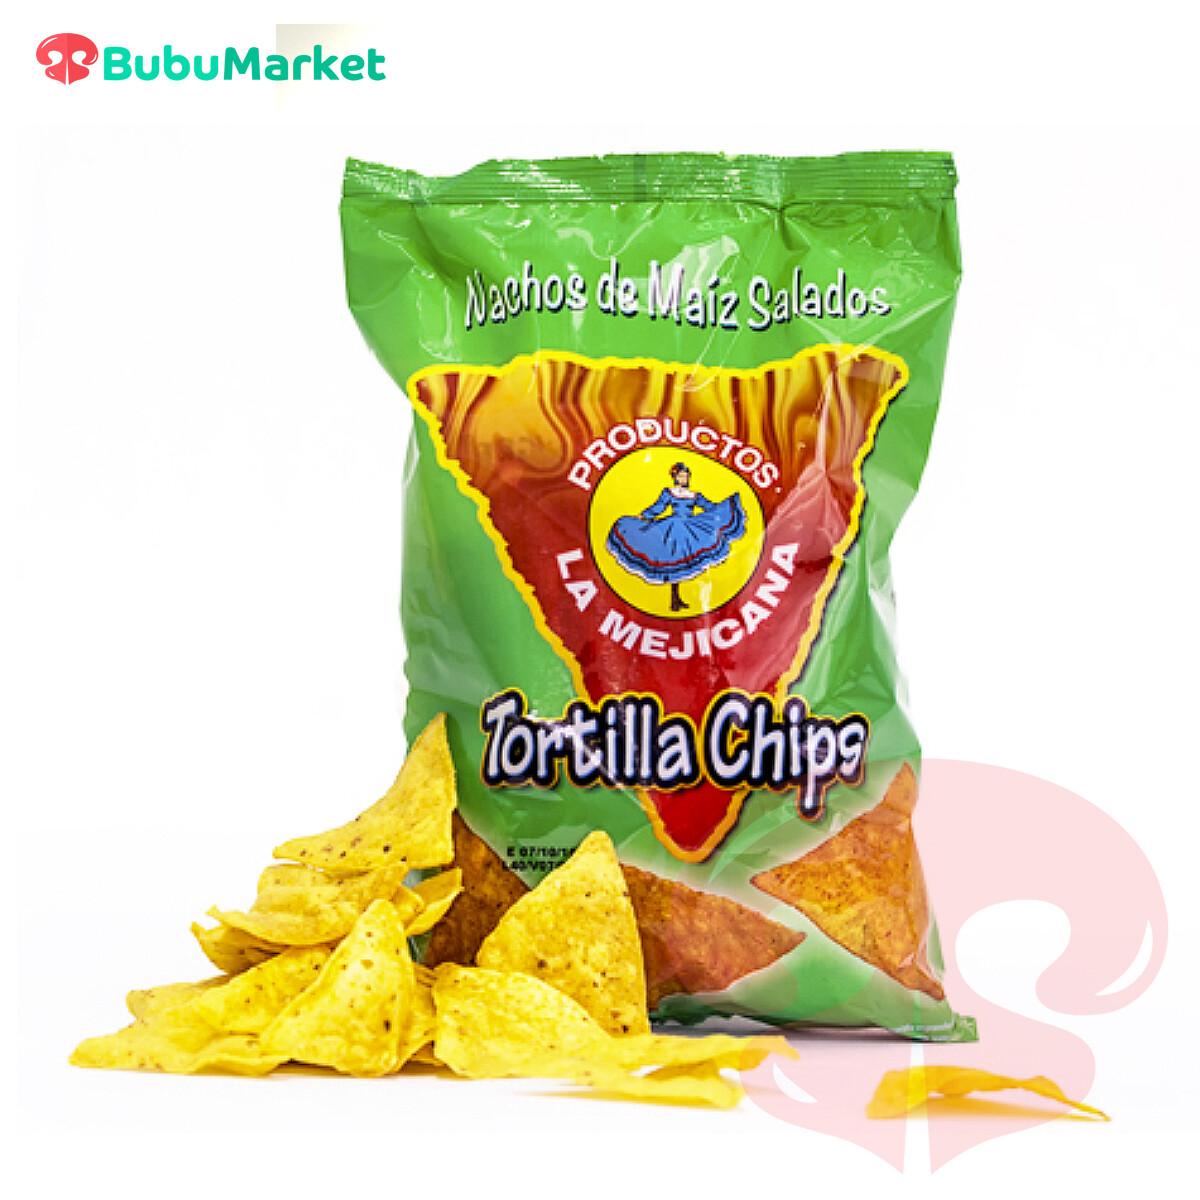 TORTILLA CHIPS SALADOS LA MEJICANA 200 GR.